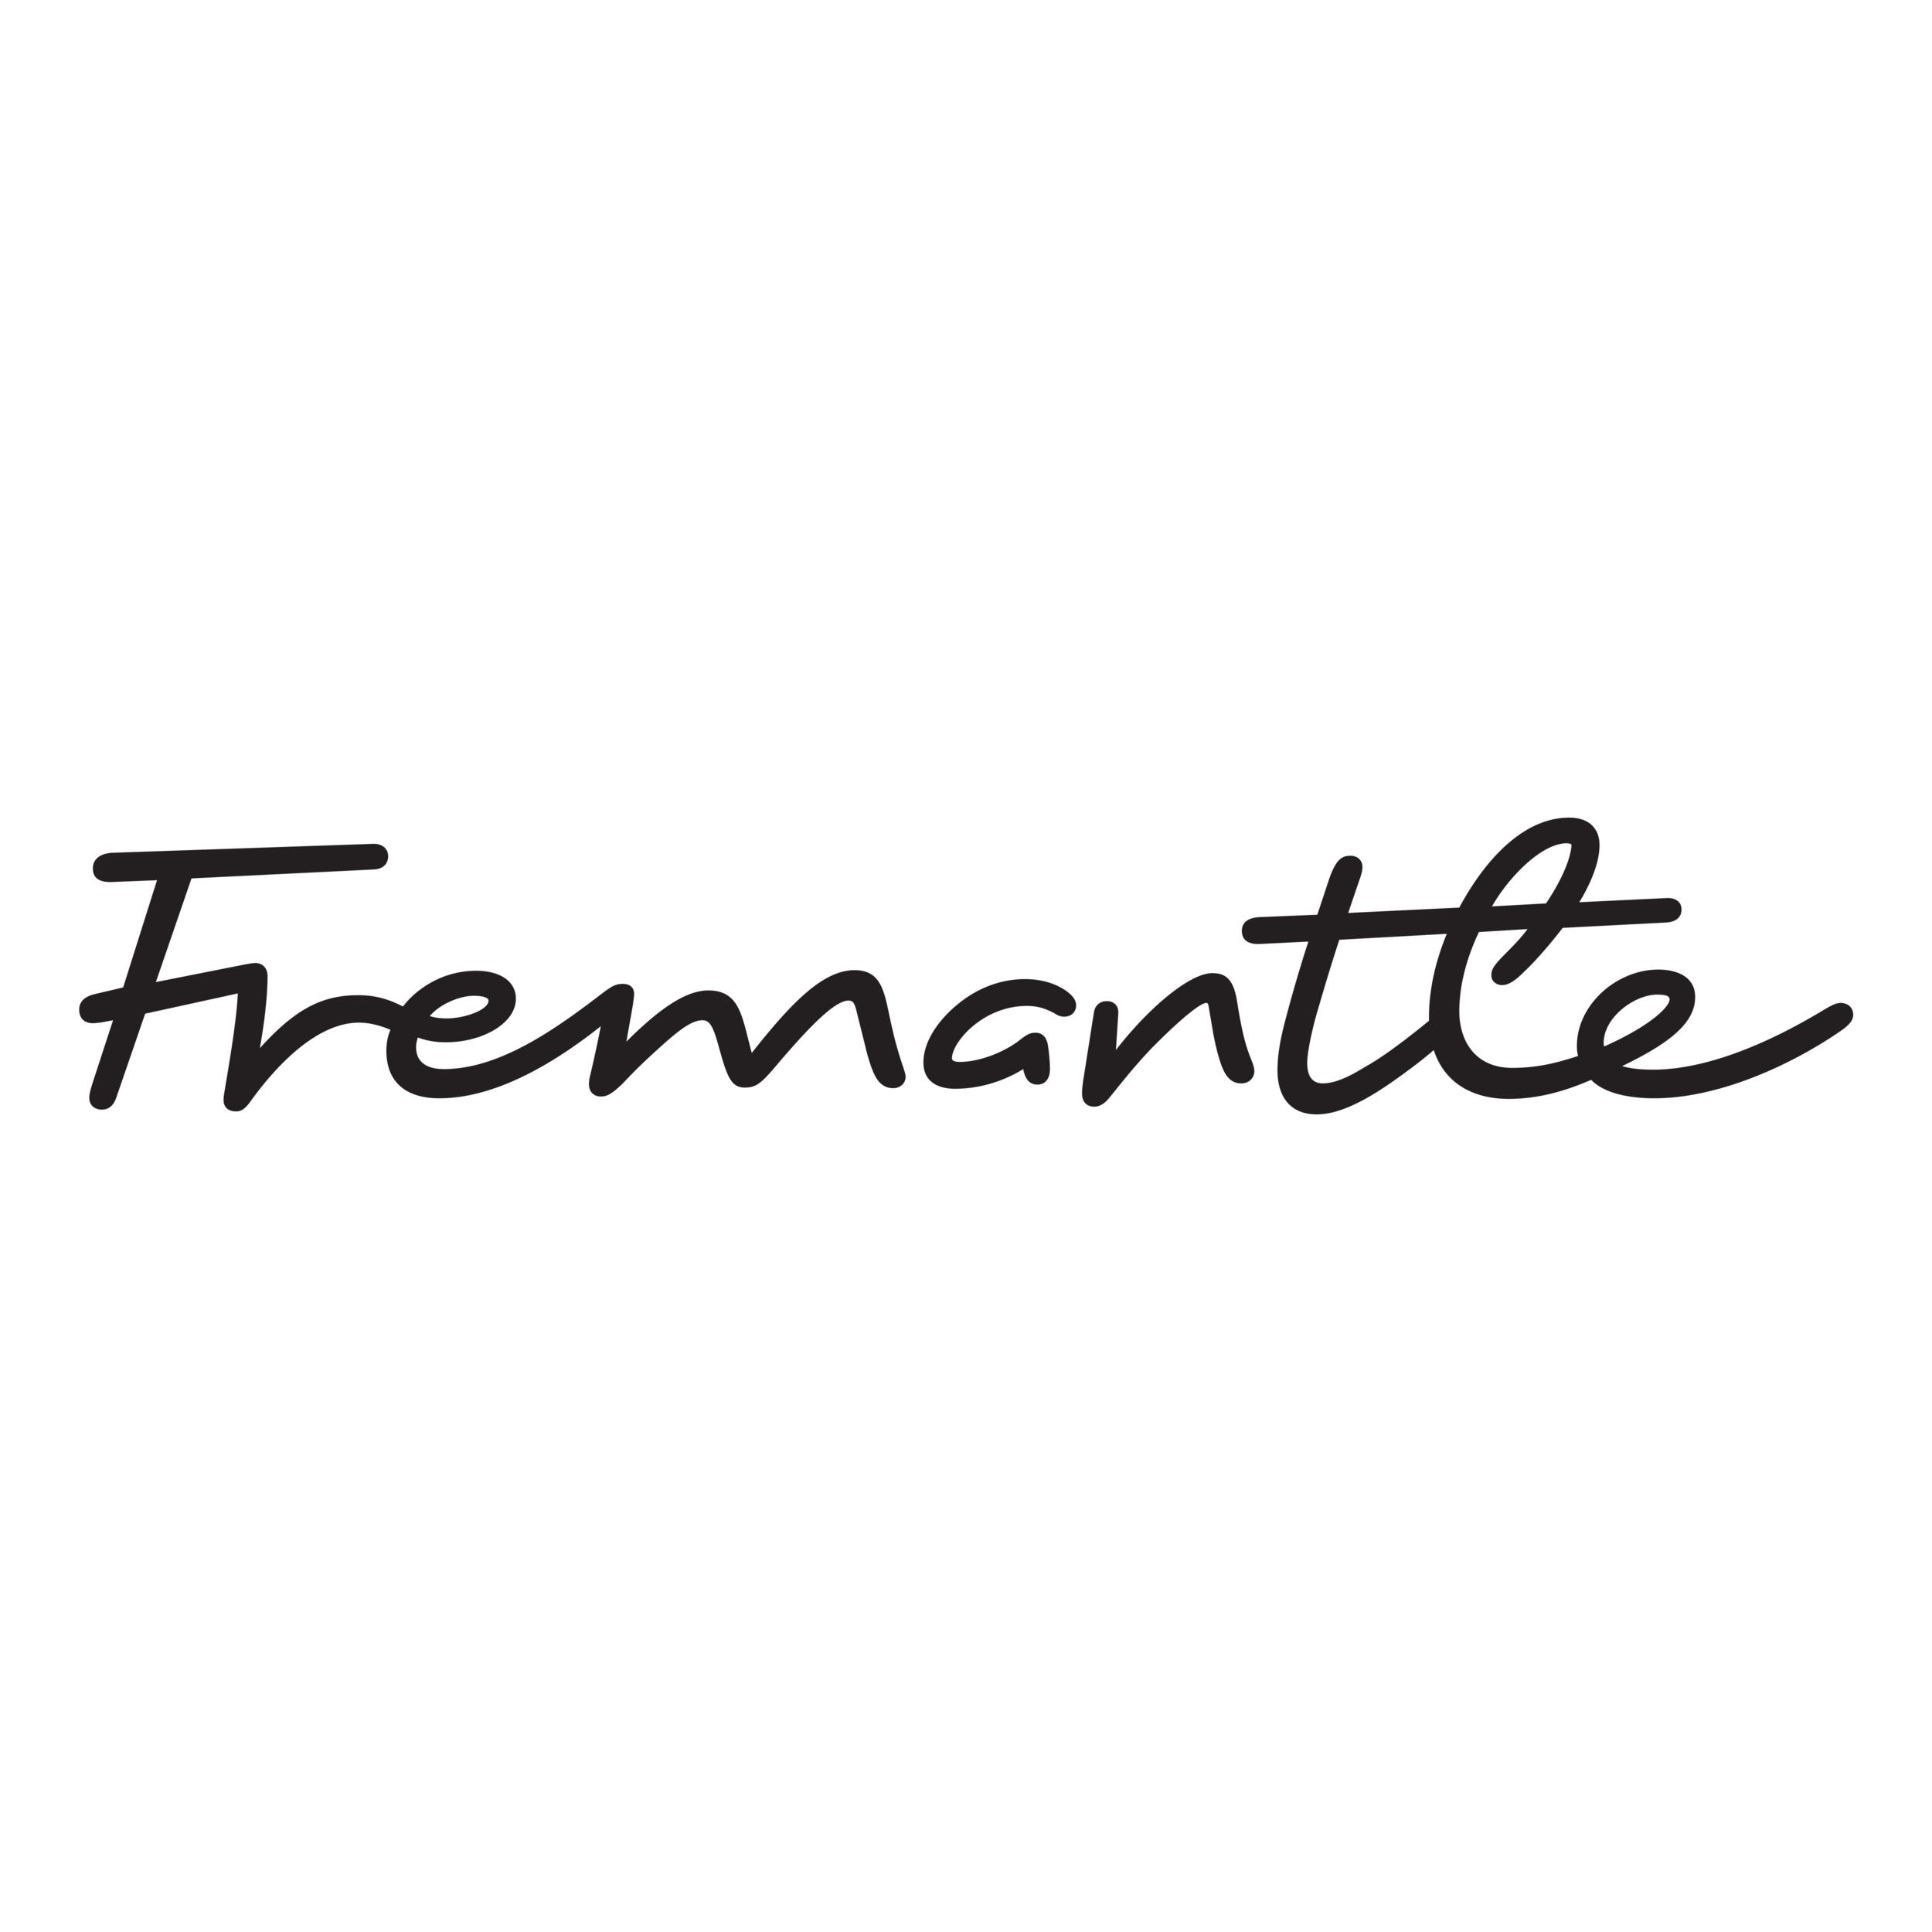 Fremantle.png